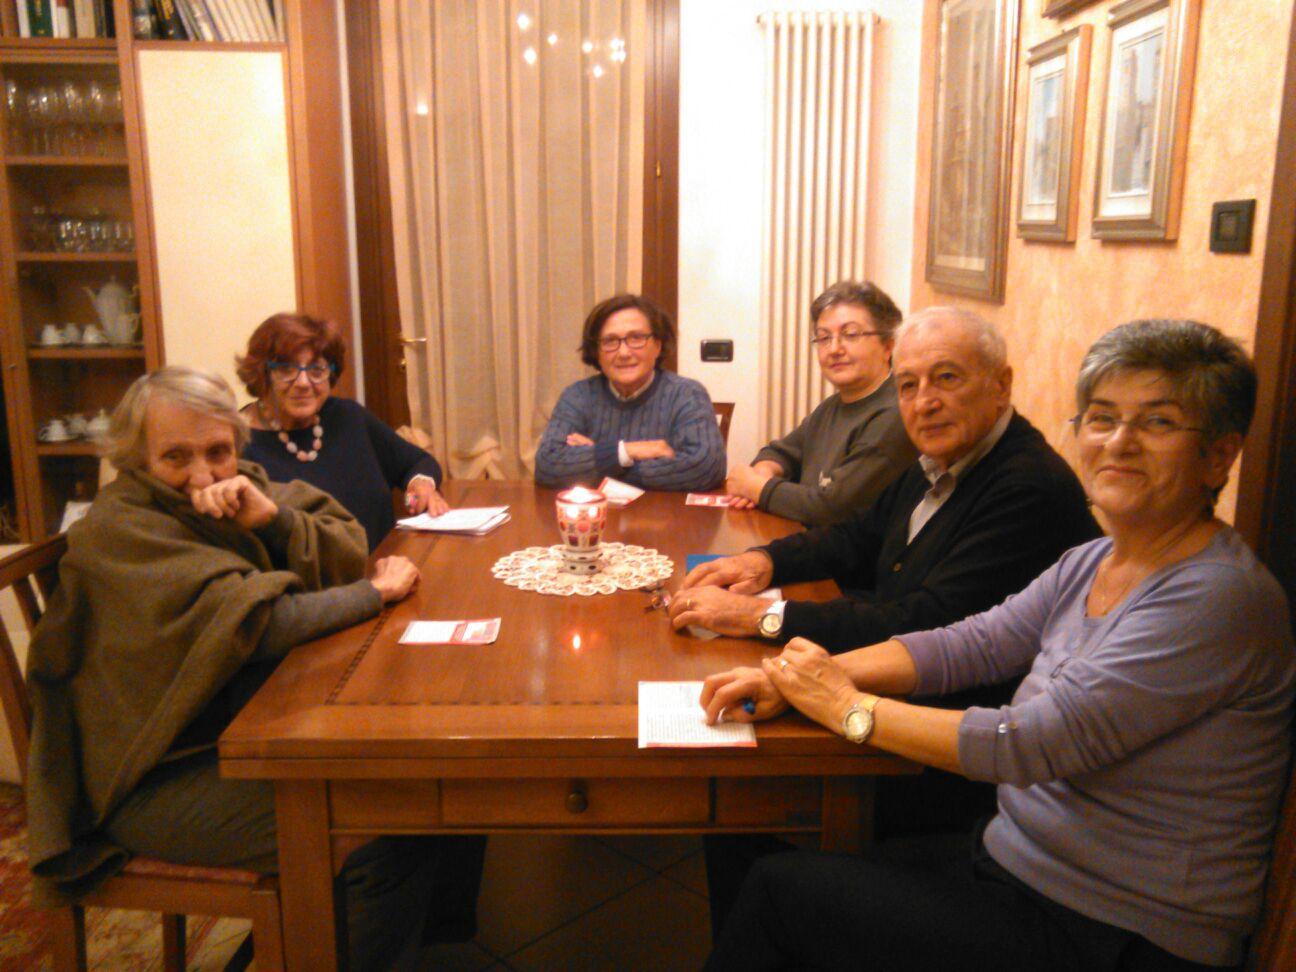 Nella foto alcuni membri del Gruppo durante l'incontro di ieri sera. Da sinistra Maria Vittoria, Claudia, Anna Rita, Annamaria , Umberto e Paola, che ha ospitato l'incontro presso la sua abitazione.